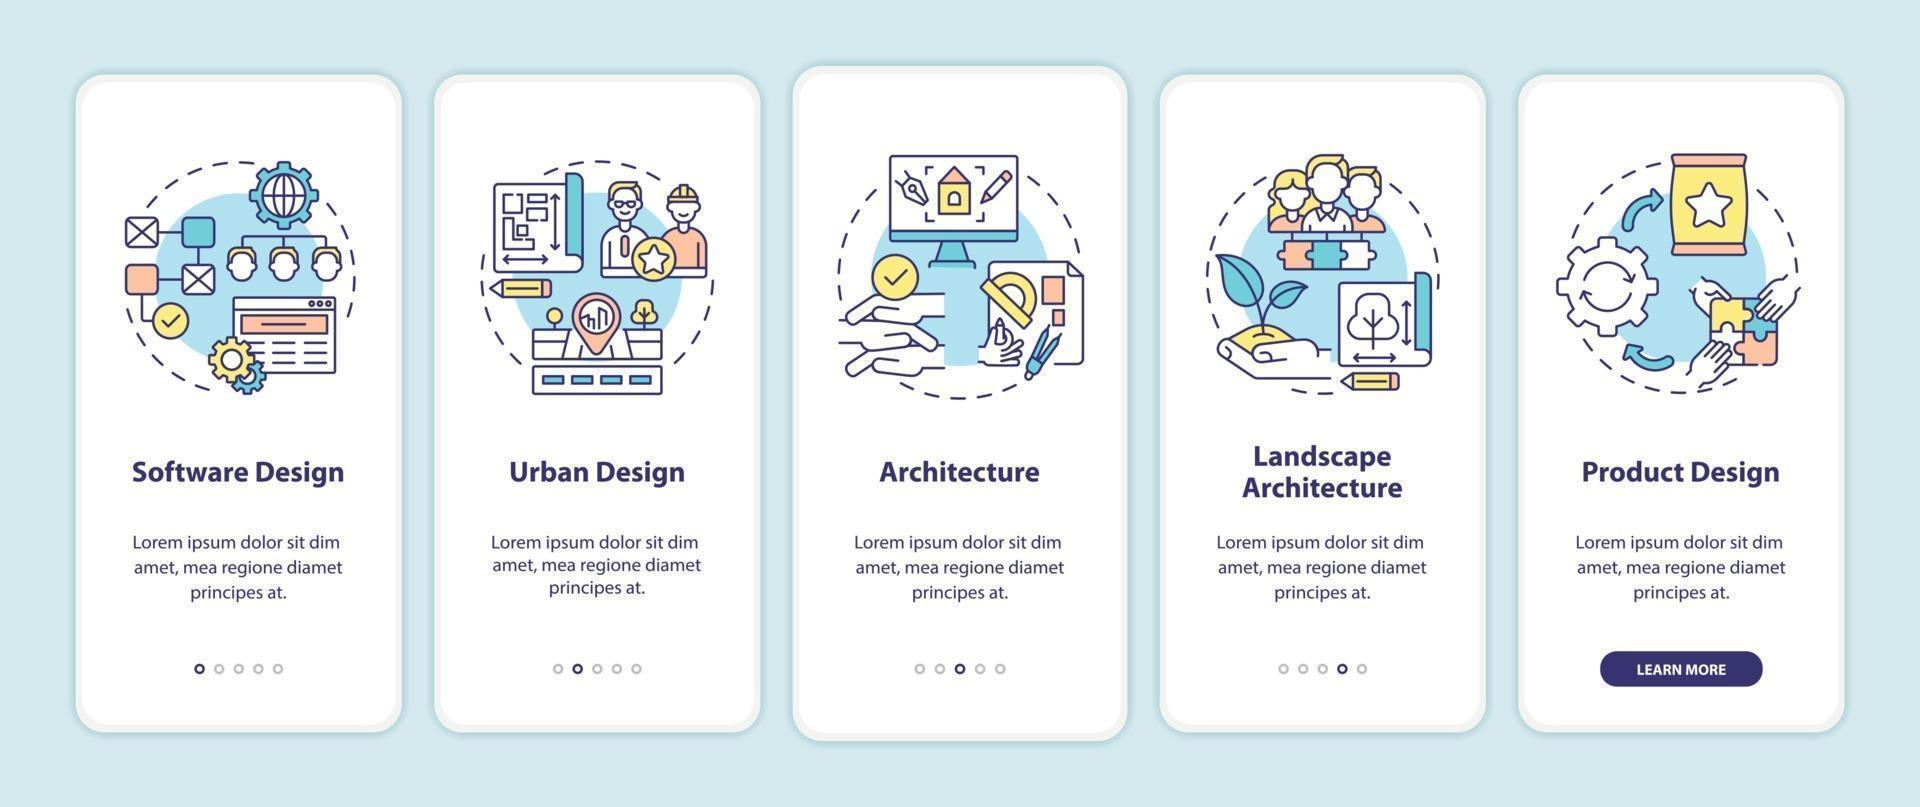 co-projete campos de aplicativos integrando tela de página de aplicativo móvel com conceitos vetor